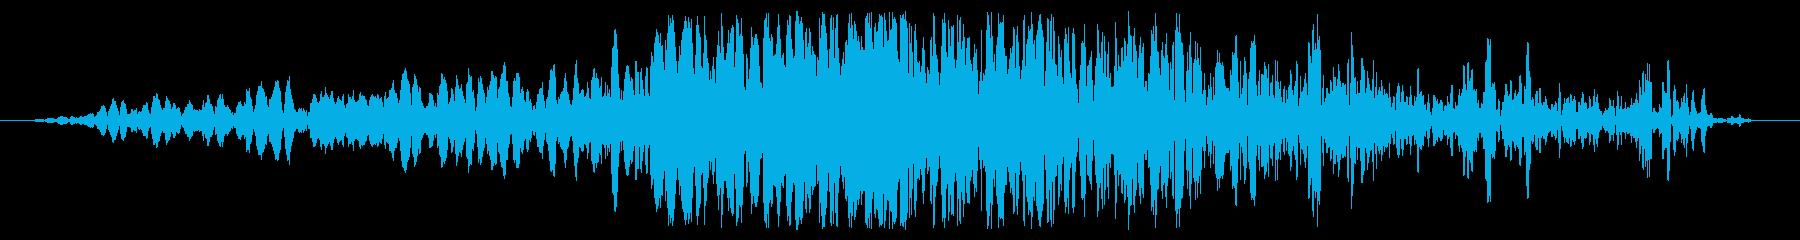 電子バブルロールの再生済みの波形